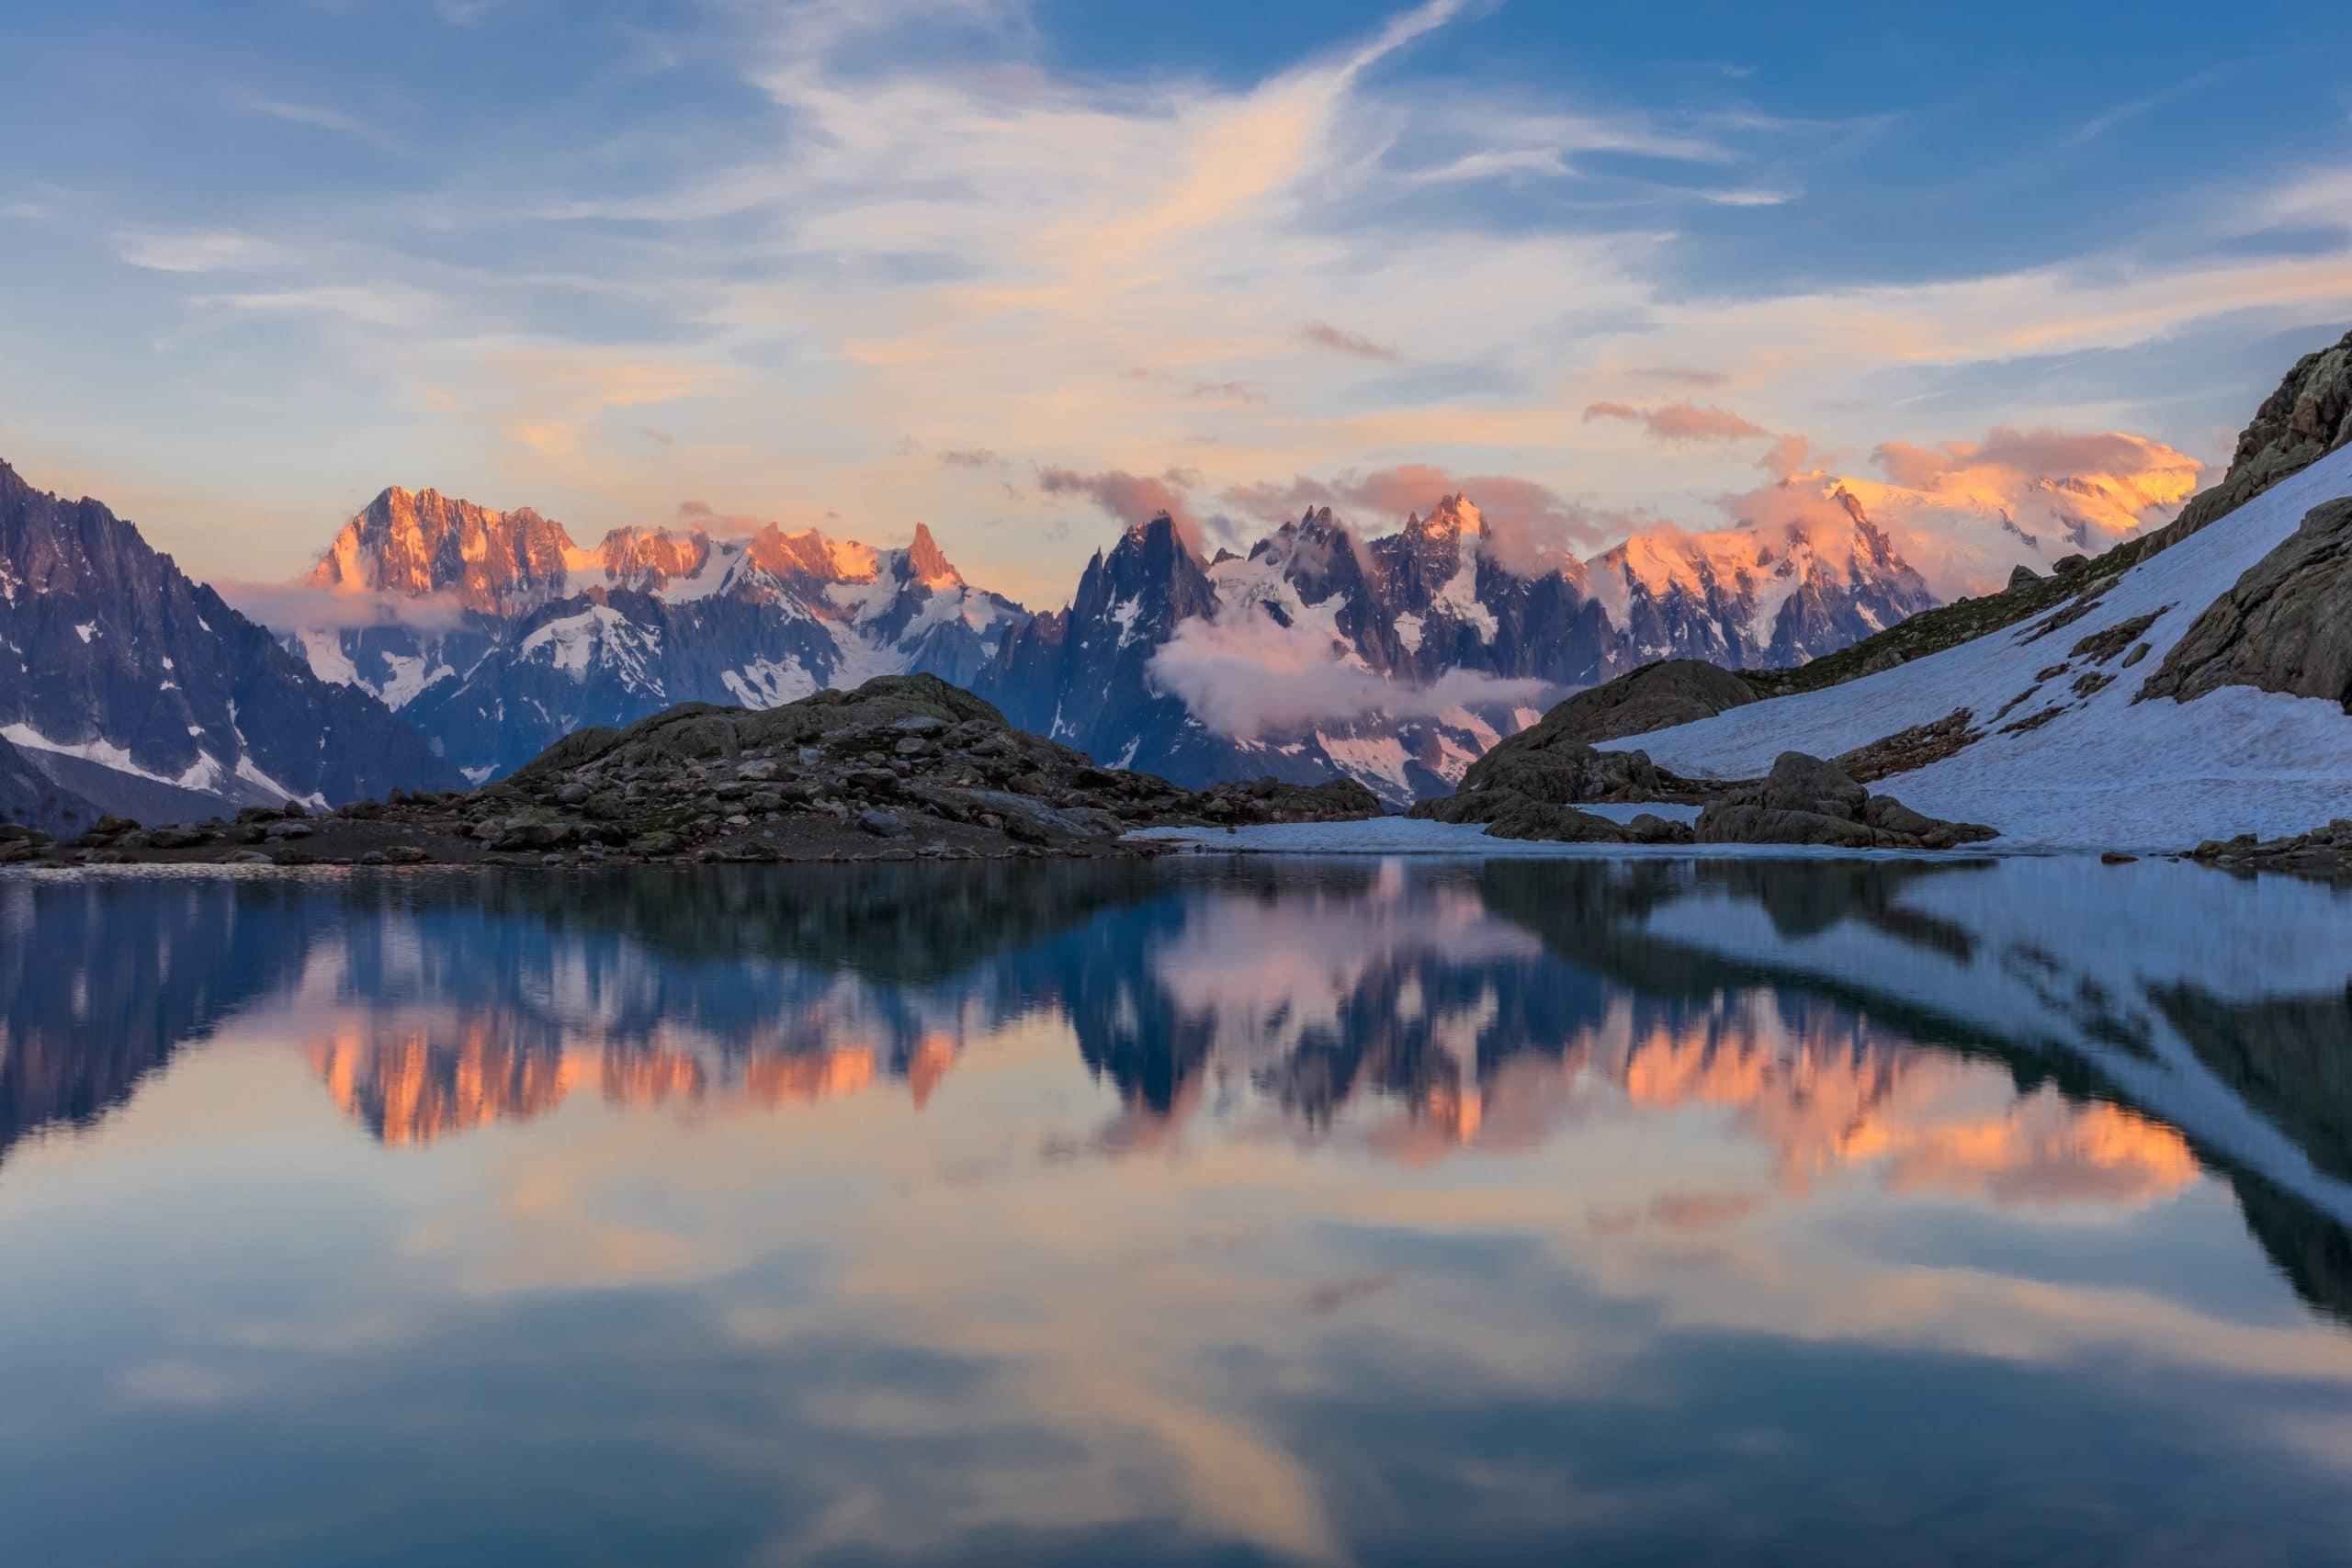 Réflexion du Massif du Mont-Blanc dans les eaux du Lac Blanc